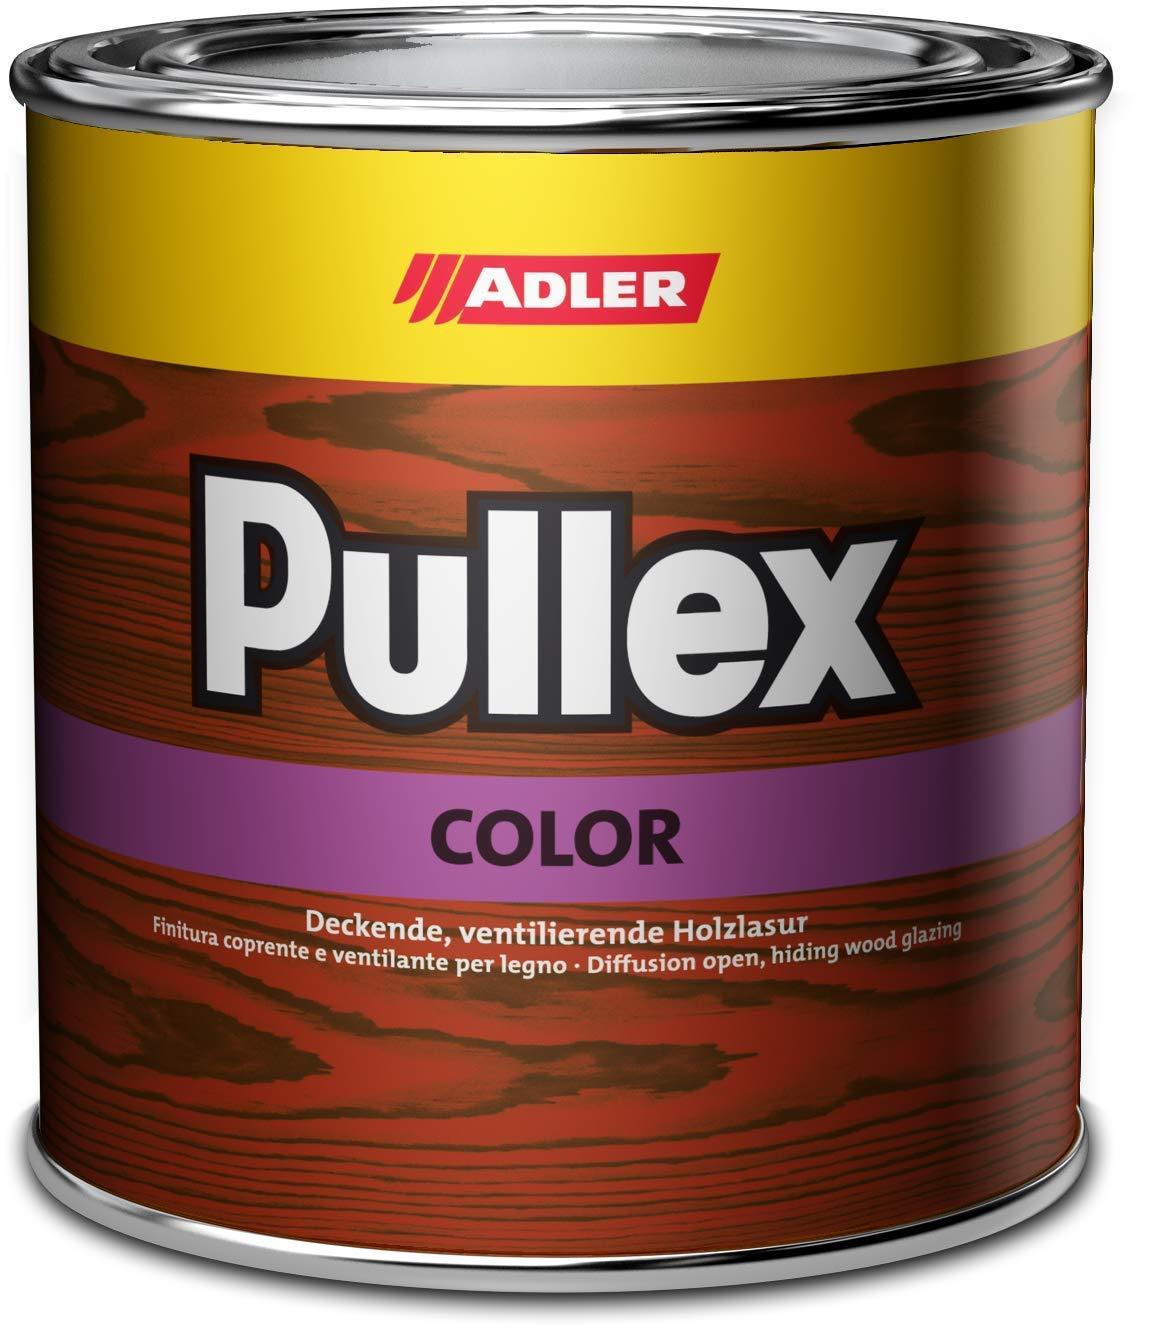 Adler Pullex Color Deckende Ventilierende Holzlasur Farbwahl 2,5 L